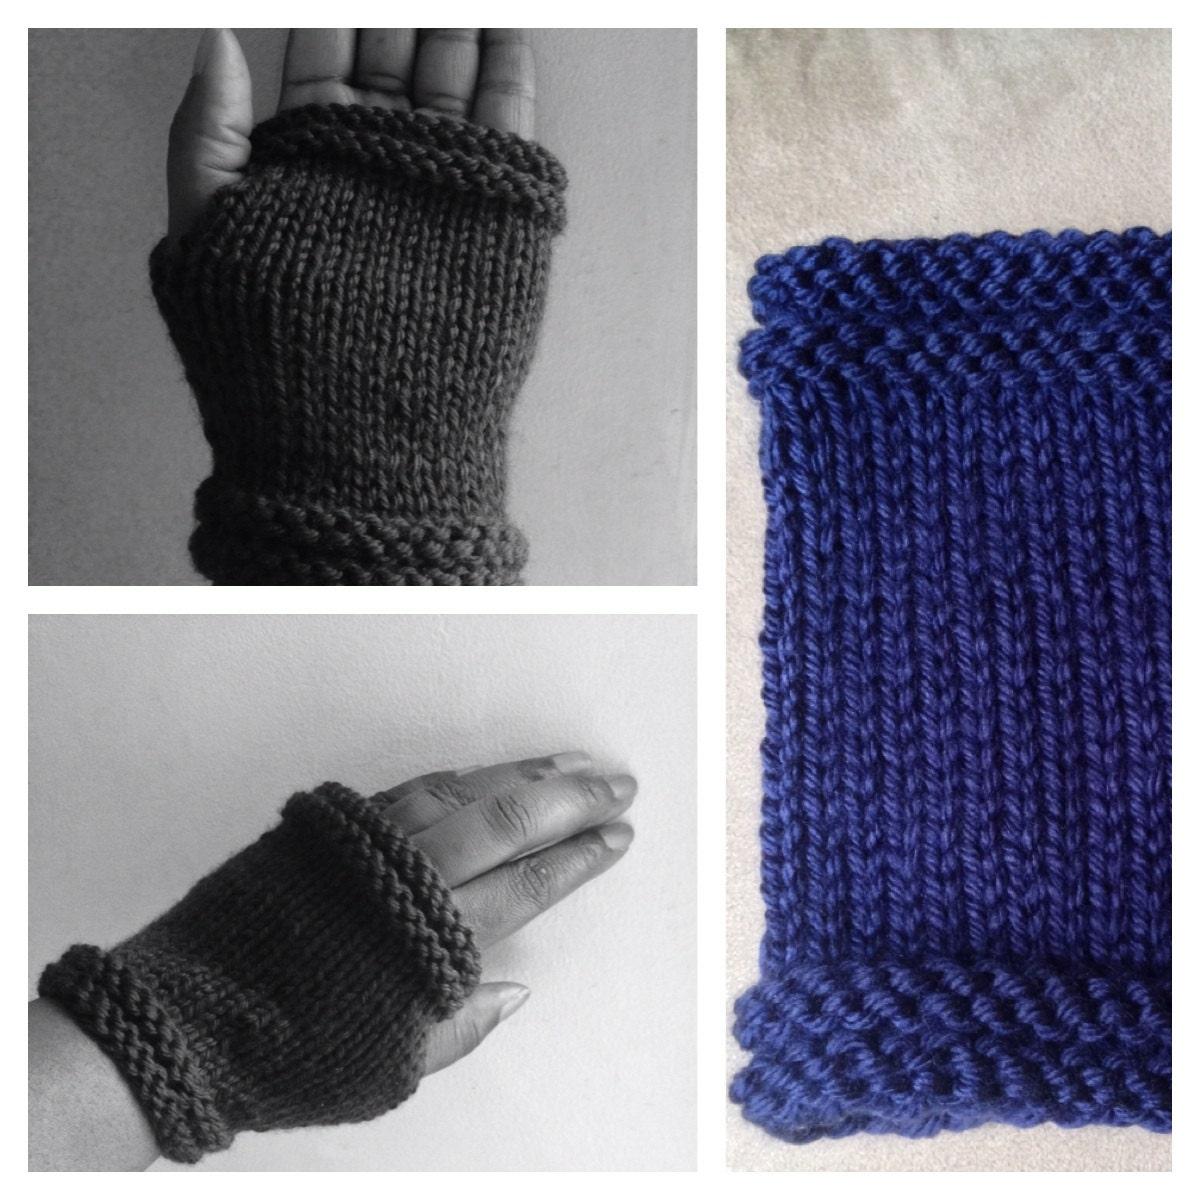 Knitting Patterns For Advanced Beginner : Fingerless Gloves-Knitted Pattern Advanced Beginner